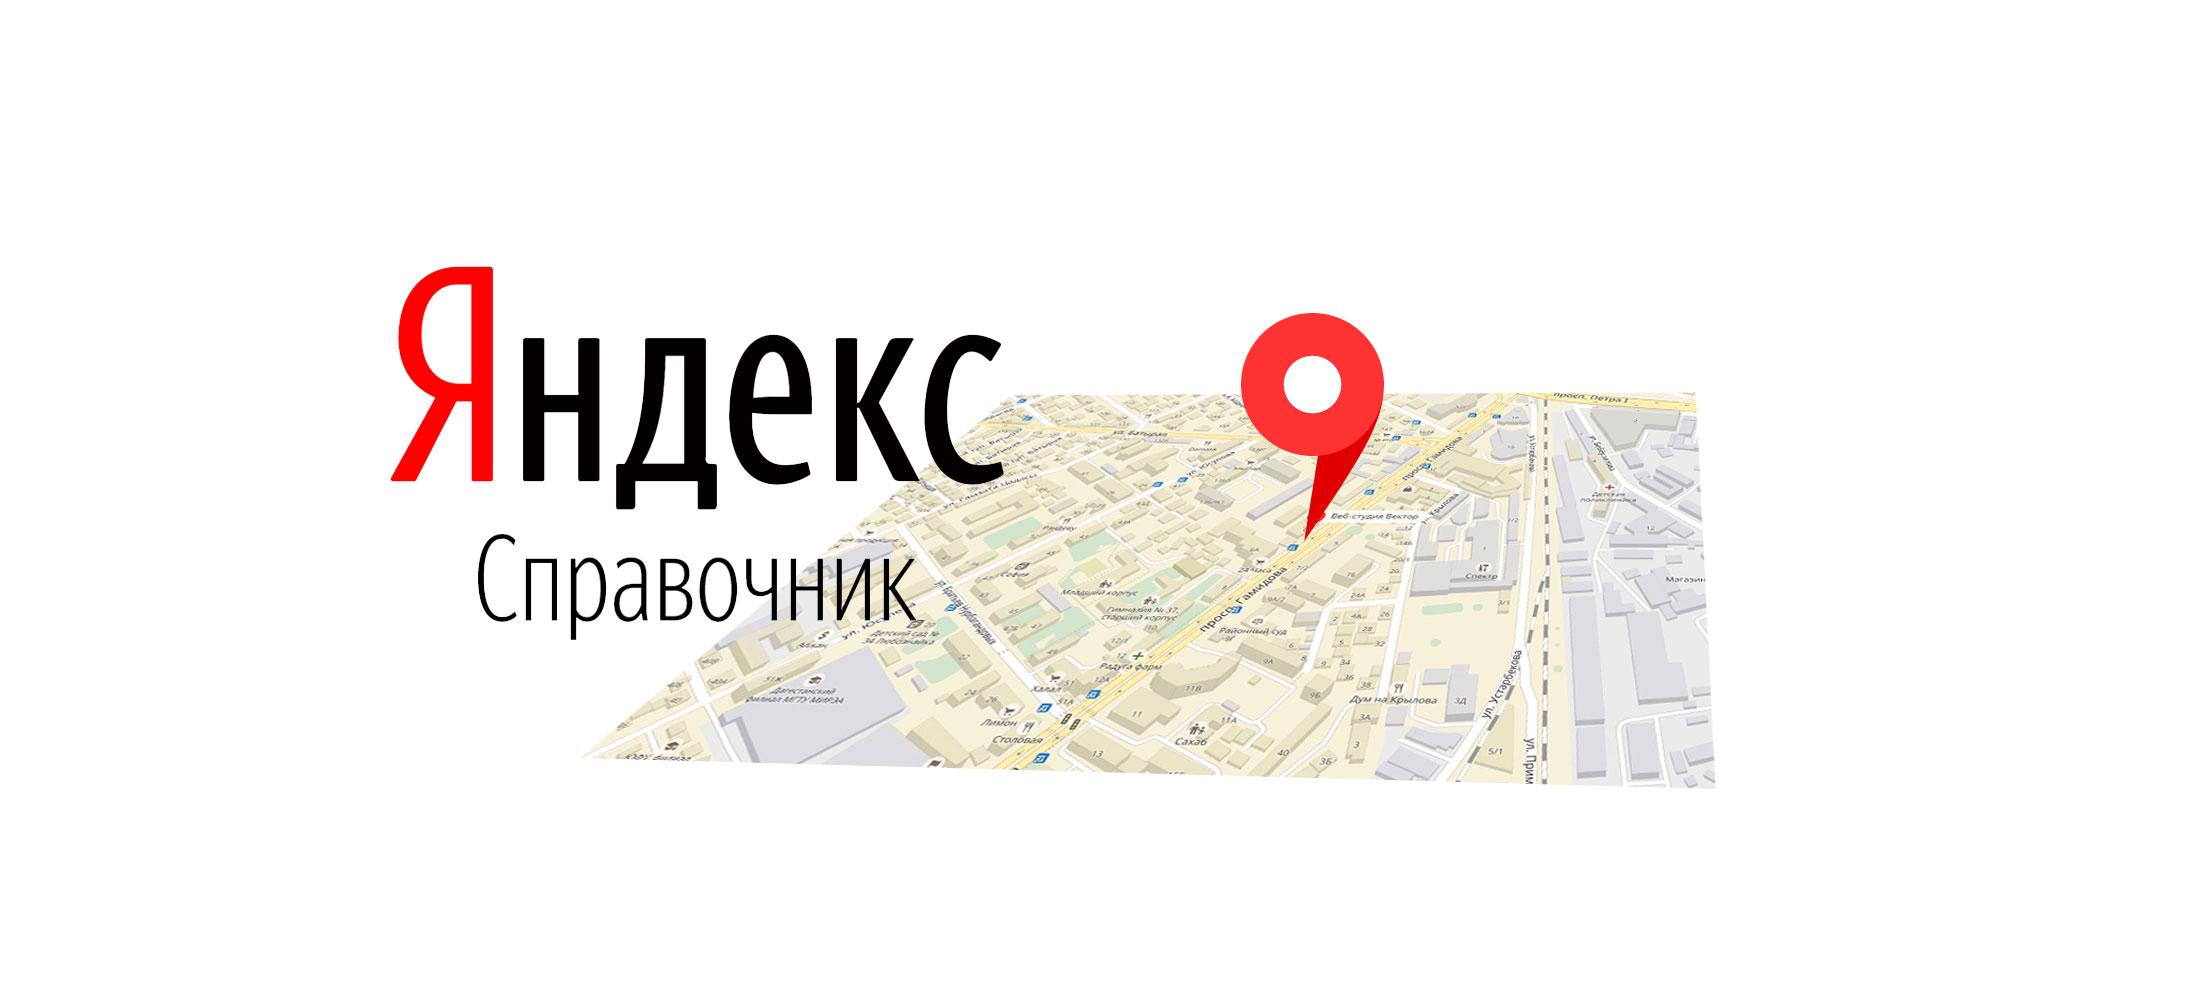 Яндекс справочник - бесплатный интернет-маркетинг